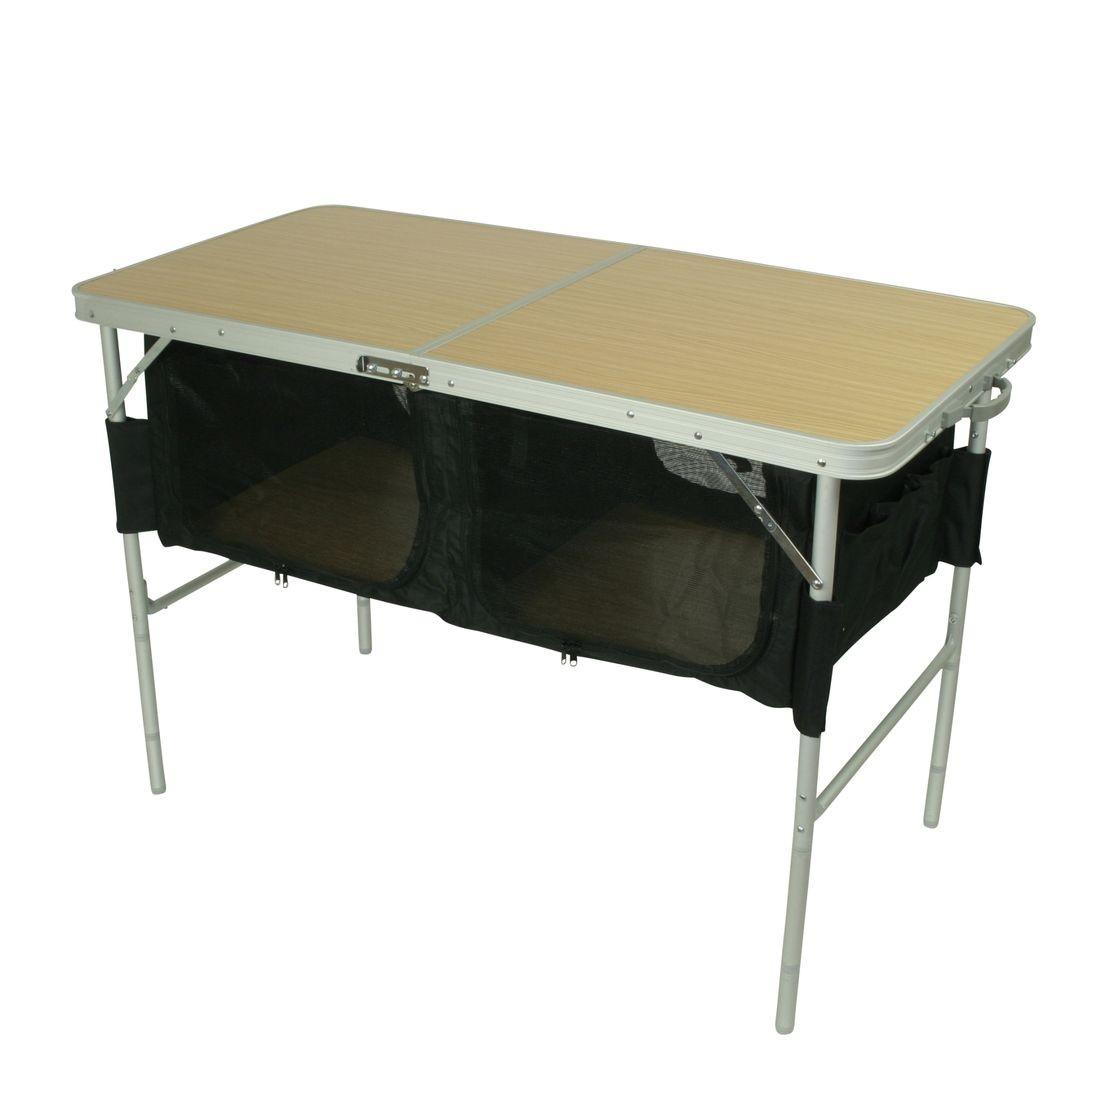 camping tisch preisvergleich die besten angebote online kaufen. Black Bedroom Furniture Sets. Home Design Ideas